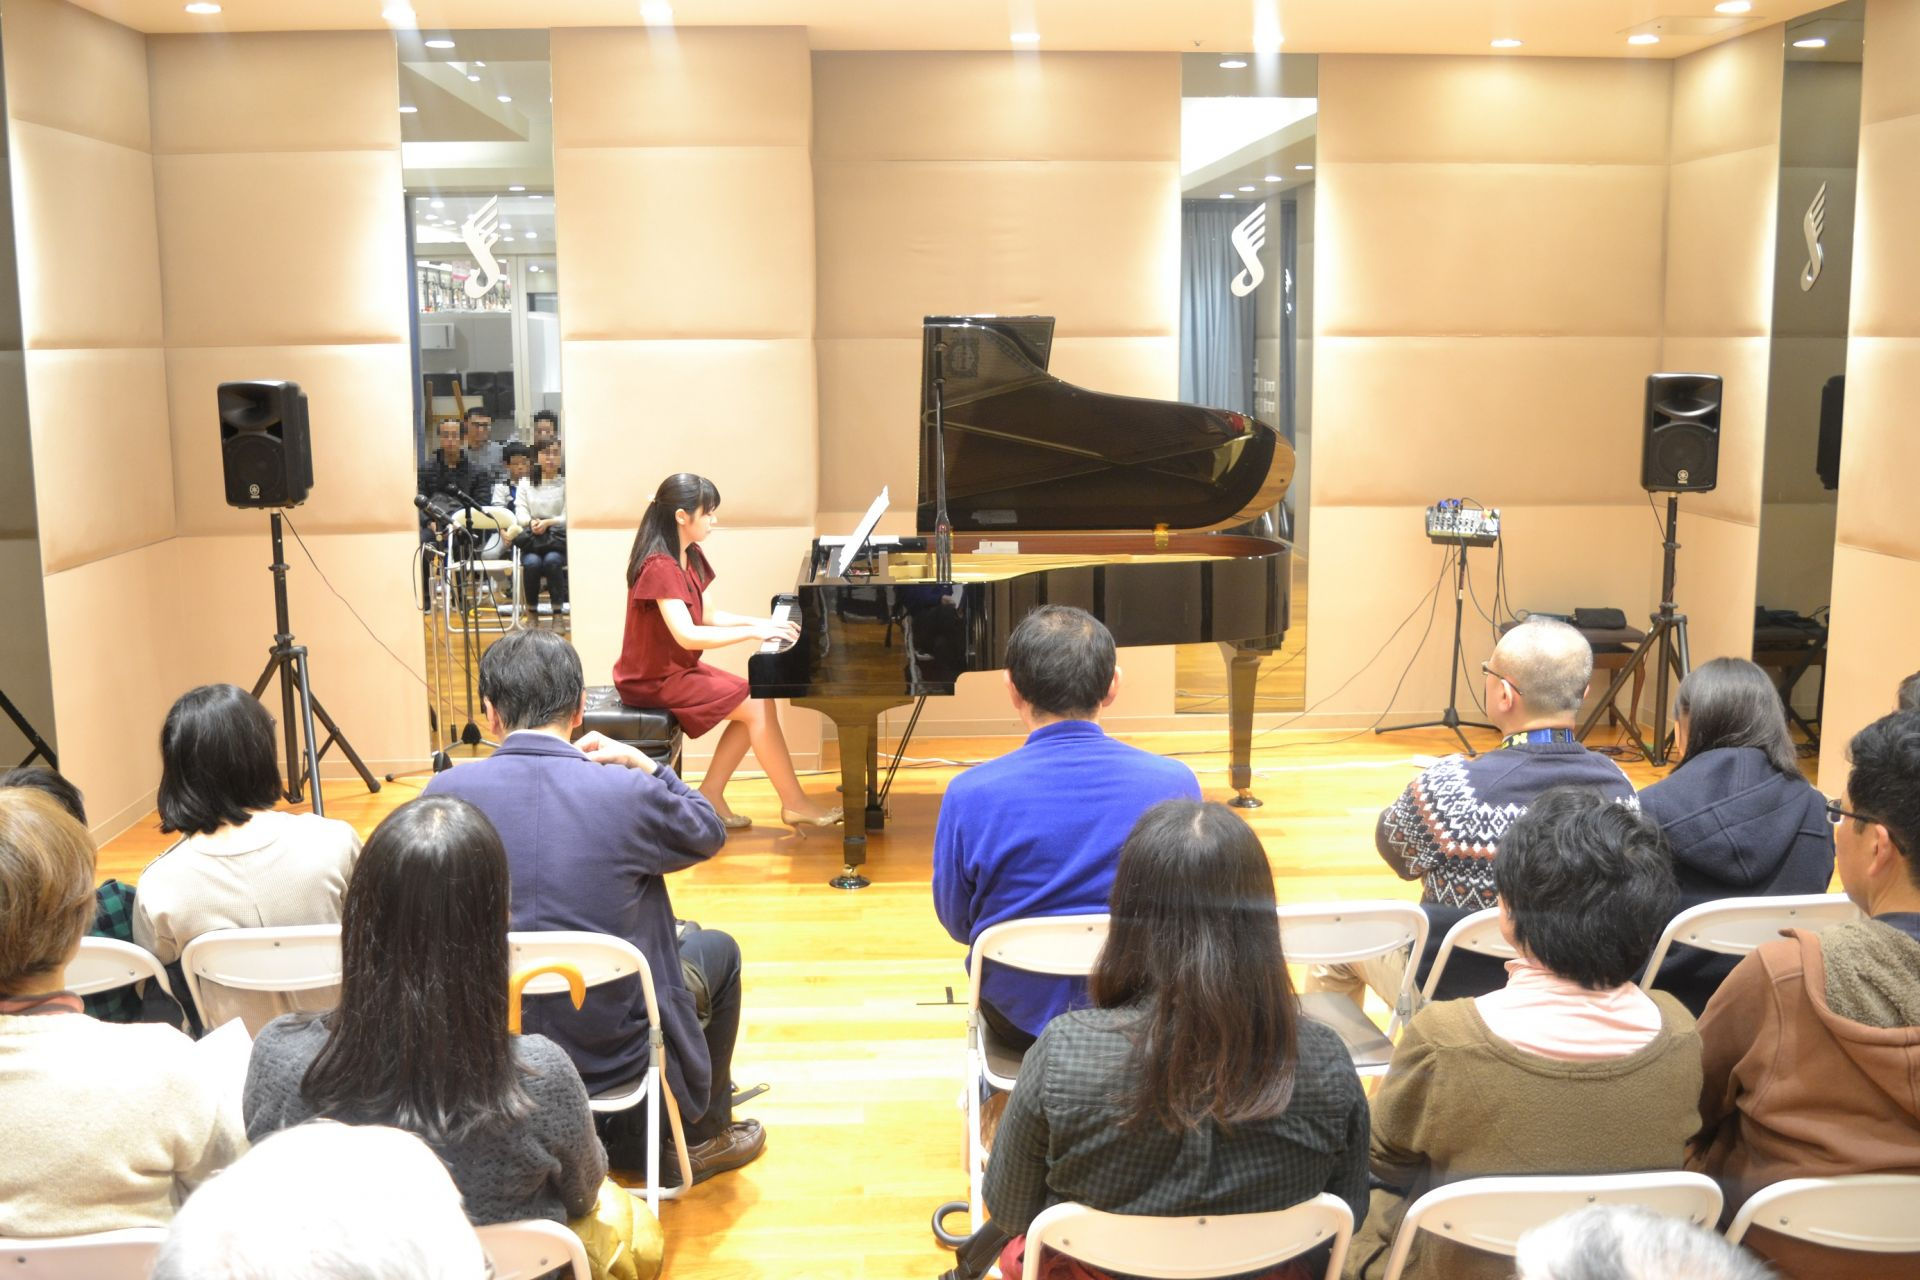 島村楽器 南船橋 クリスマス ピアノコンサート